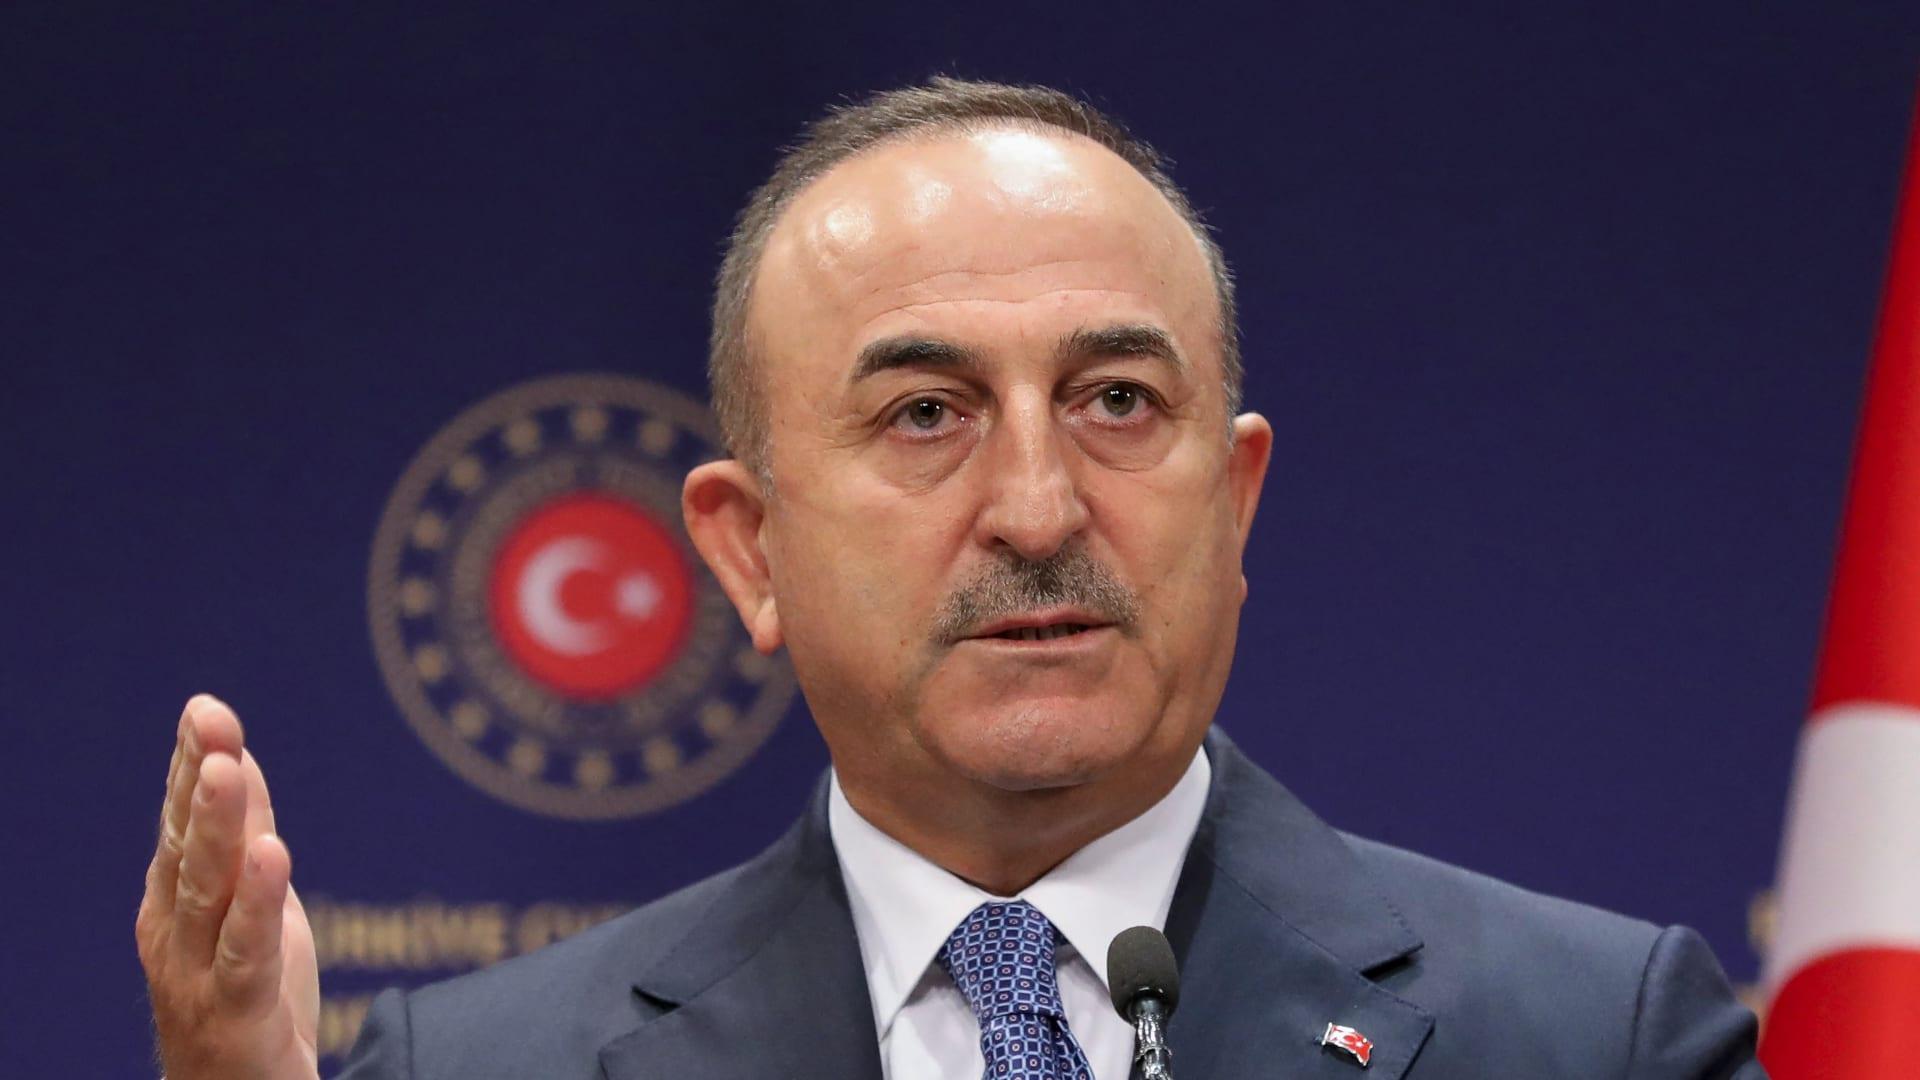 وزير خارجية تركيا، مولود تشاووش أوغلو